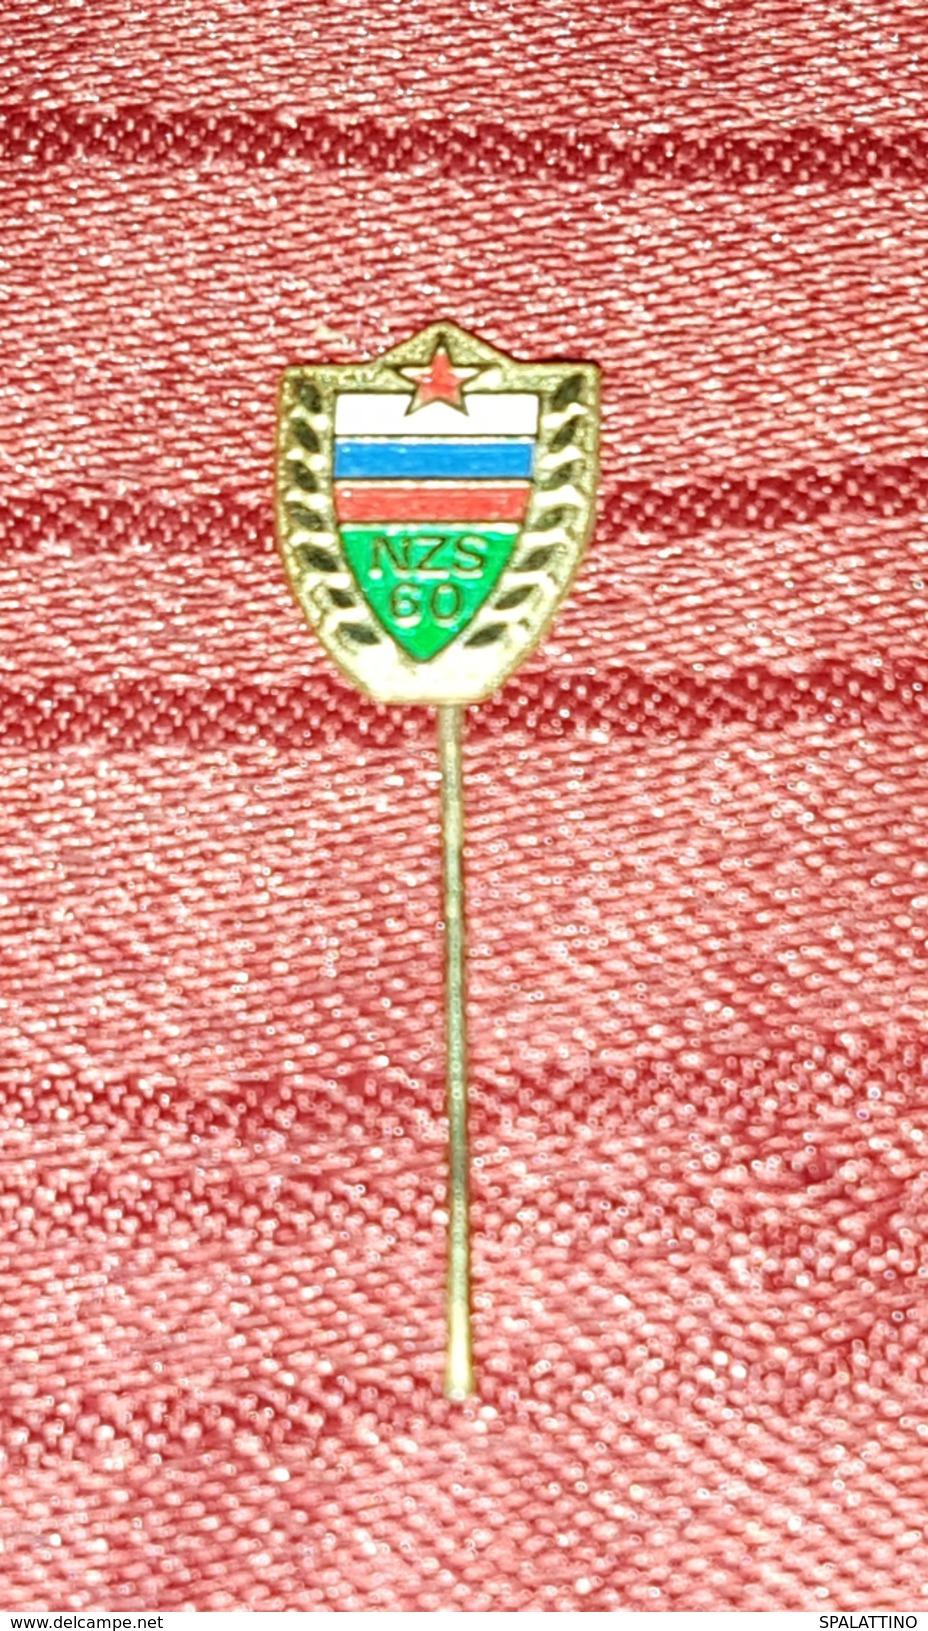 SLOVENIA FOOTBALL FEDERATION, ORIGINAL VINTAGE  PIN BADGE, SOCCER - Fussball